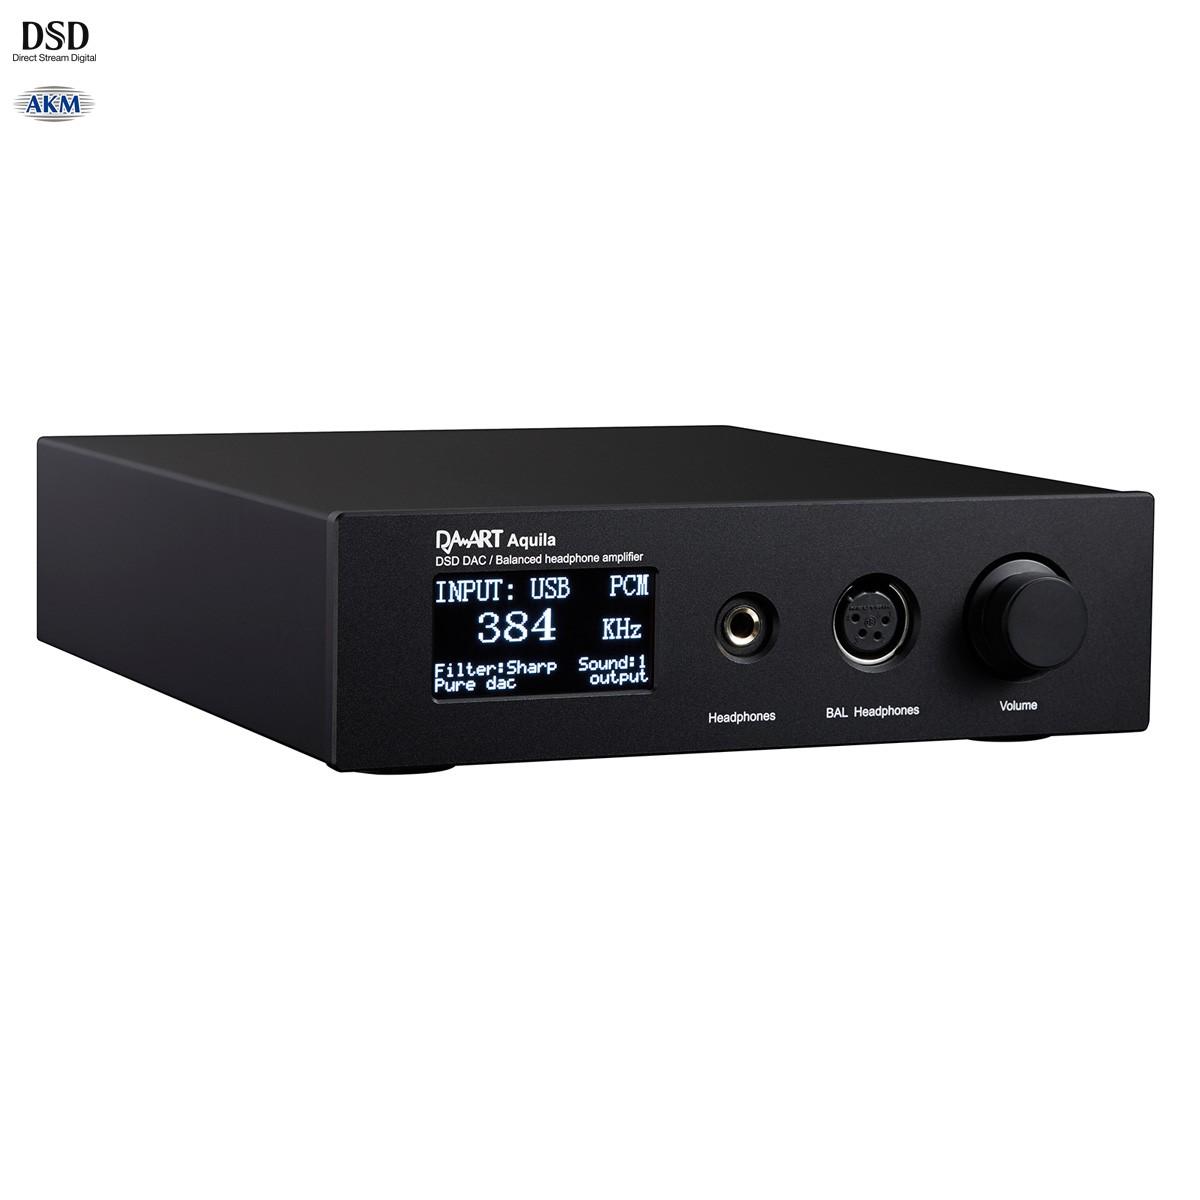 DAART AQUILA DAC Headphone Amplifier Preamplifier Balanced AK4497 TPA6120A2 32bit 384kHz DSD